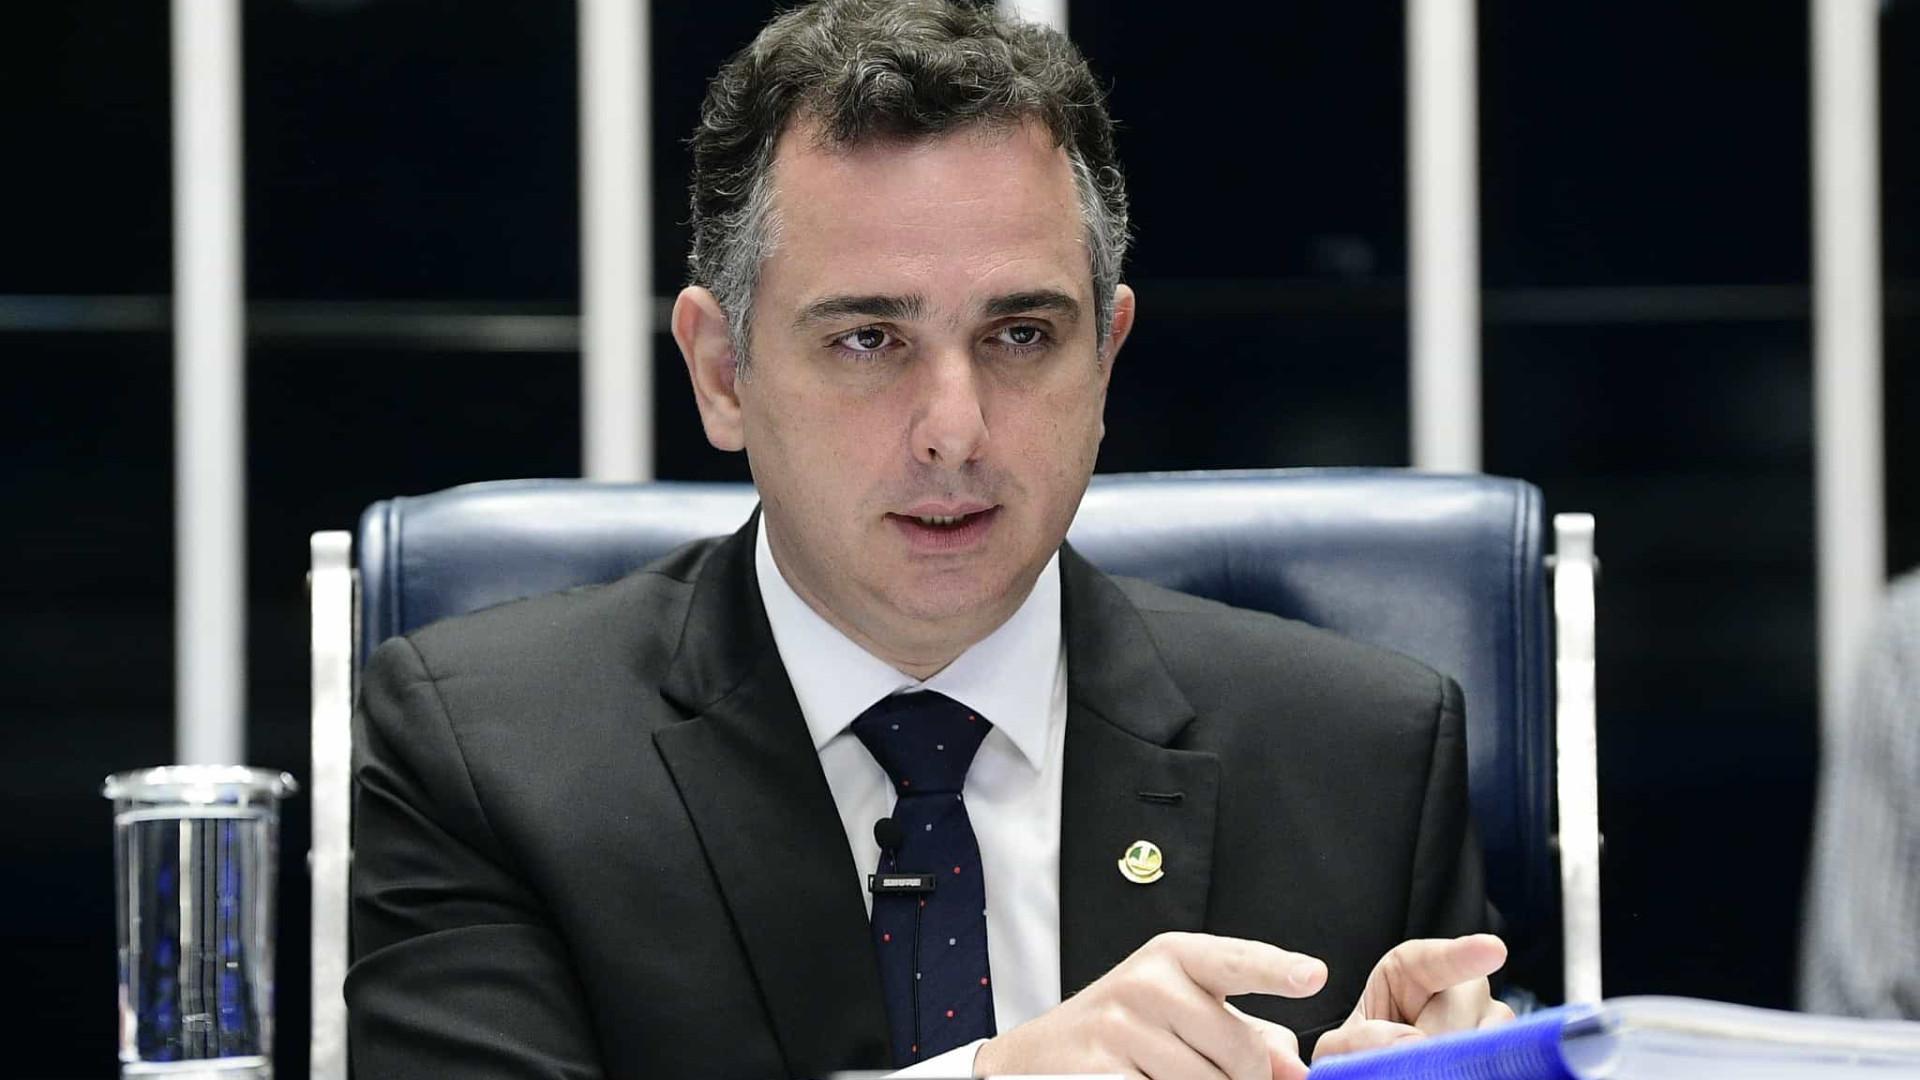 Pacheco envia LDO nesta segunda e Bolsonaro tem até dia 23 para decidir 'fundão'